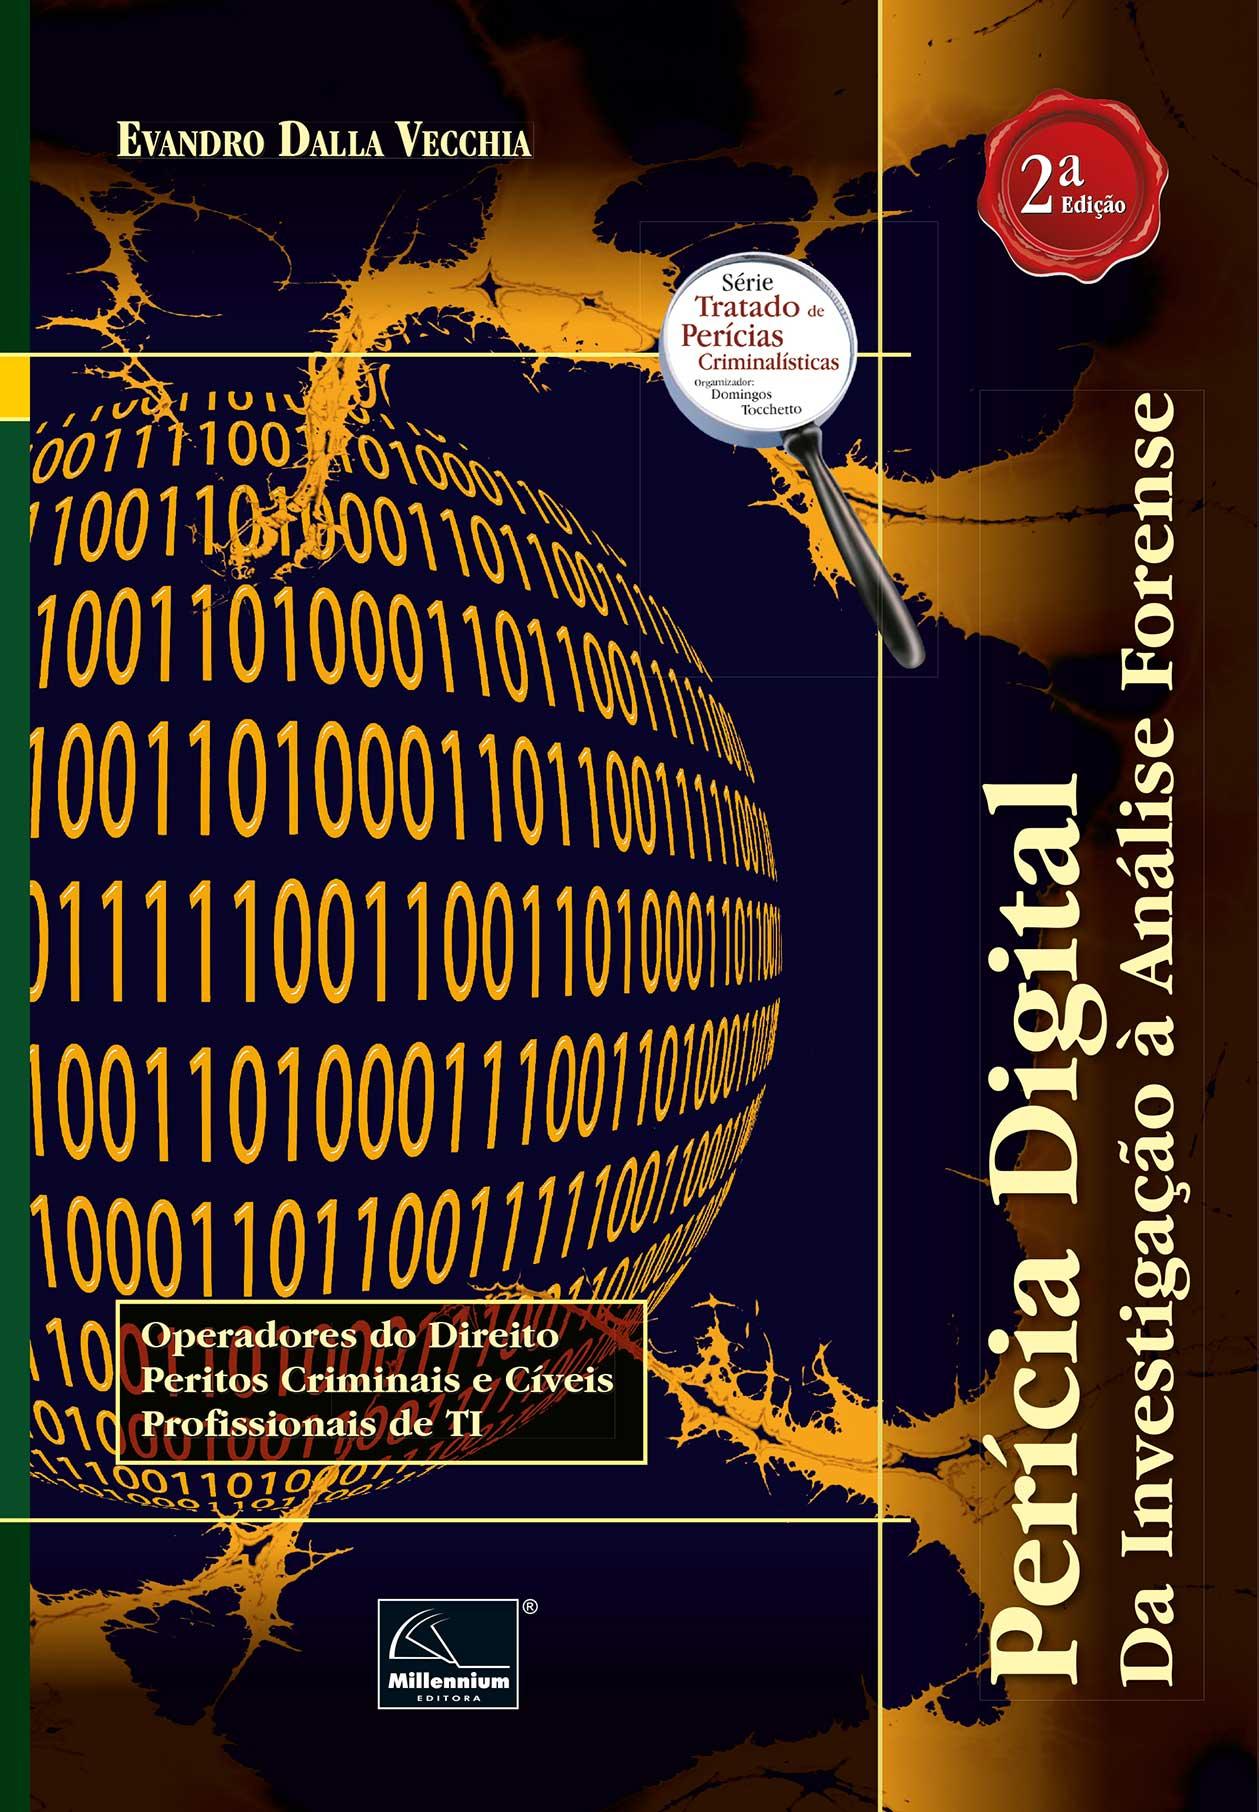 Perícia Digital: Da Investigação à Análise Forense – 2ª Edição <b>Autor: Evandro Dalla Vecchia</b>  - Millennium Editora - Livros de Perícia